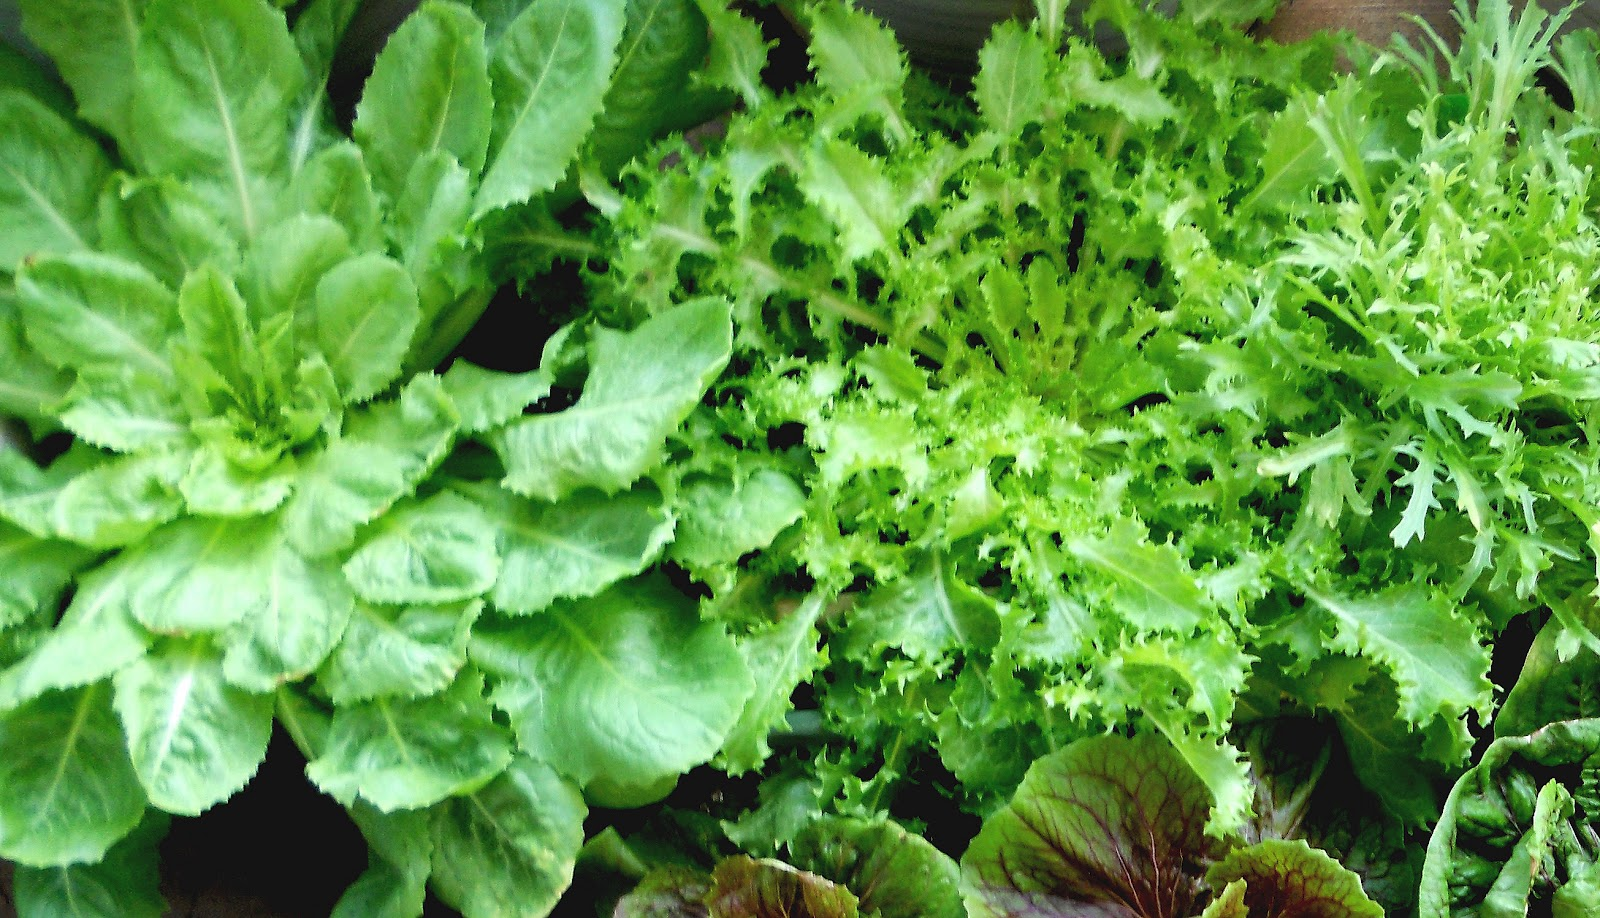 Endive Lettuce Images - Reverse Search